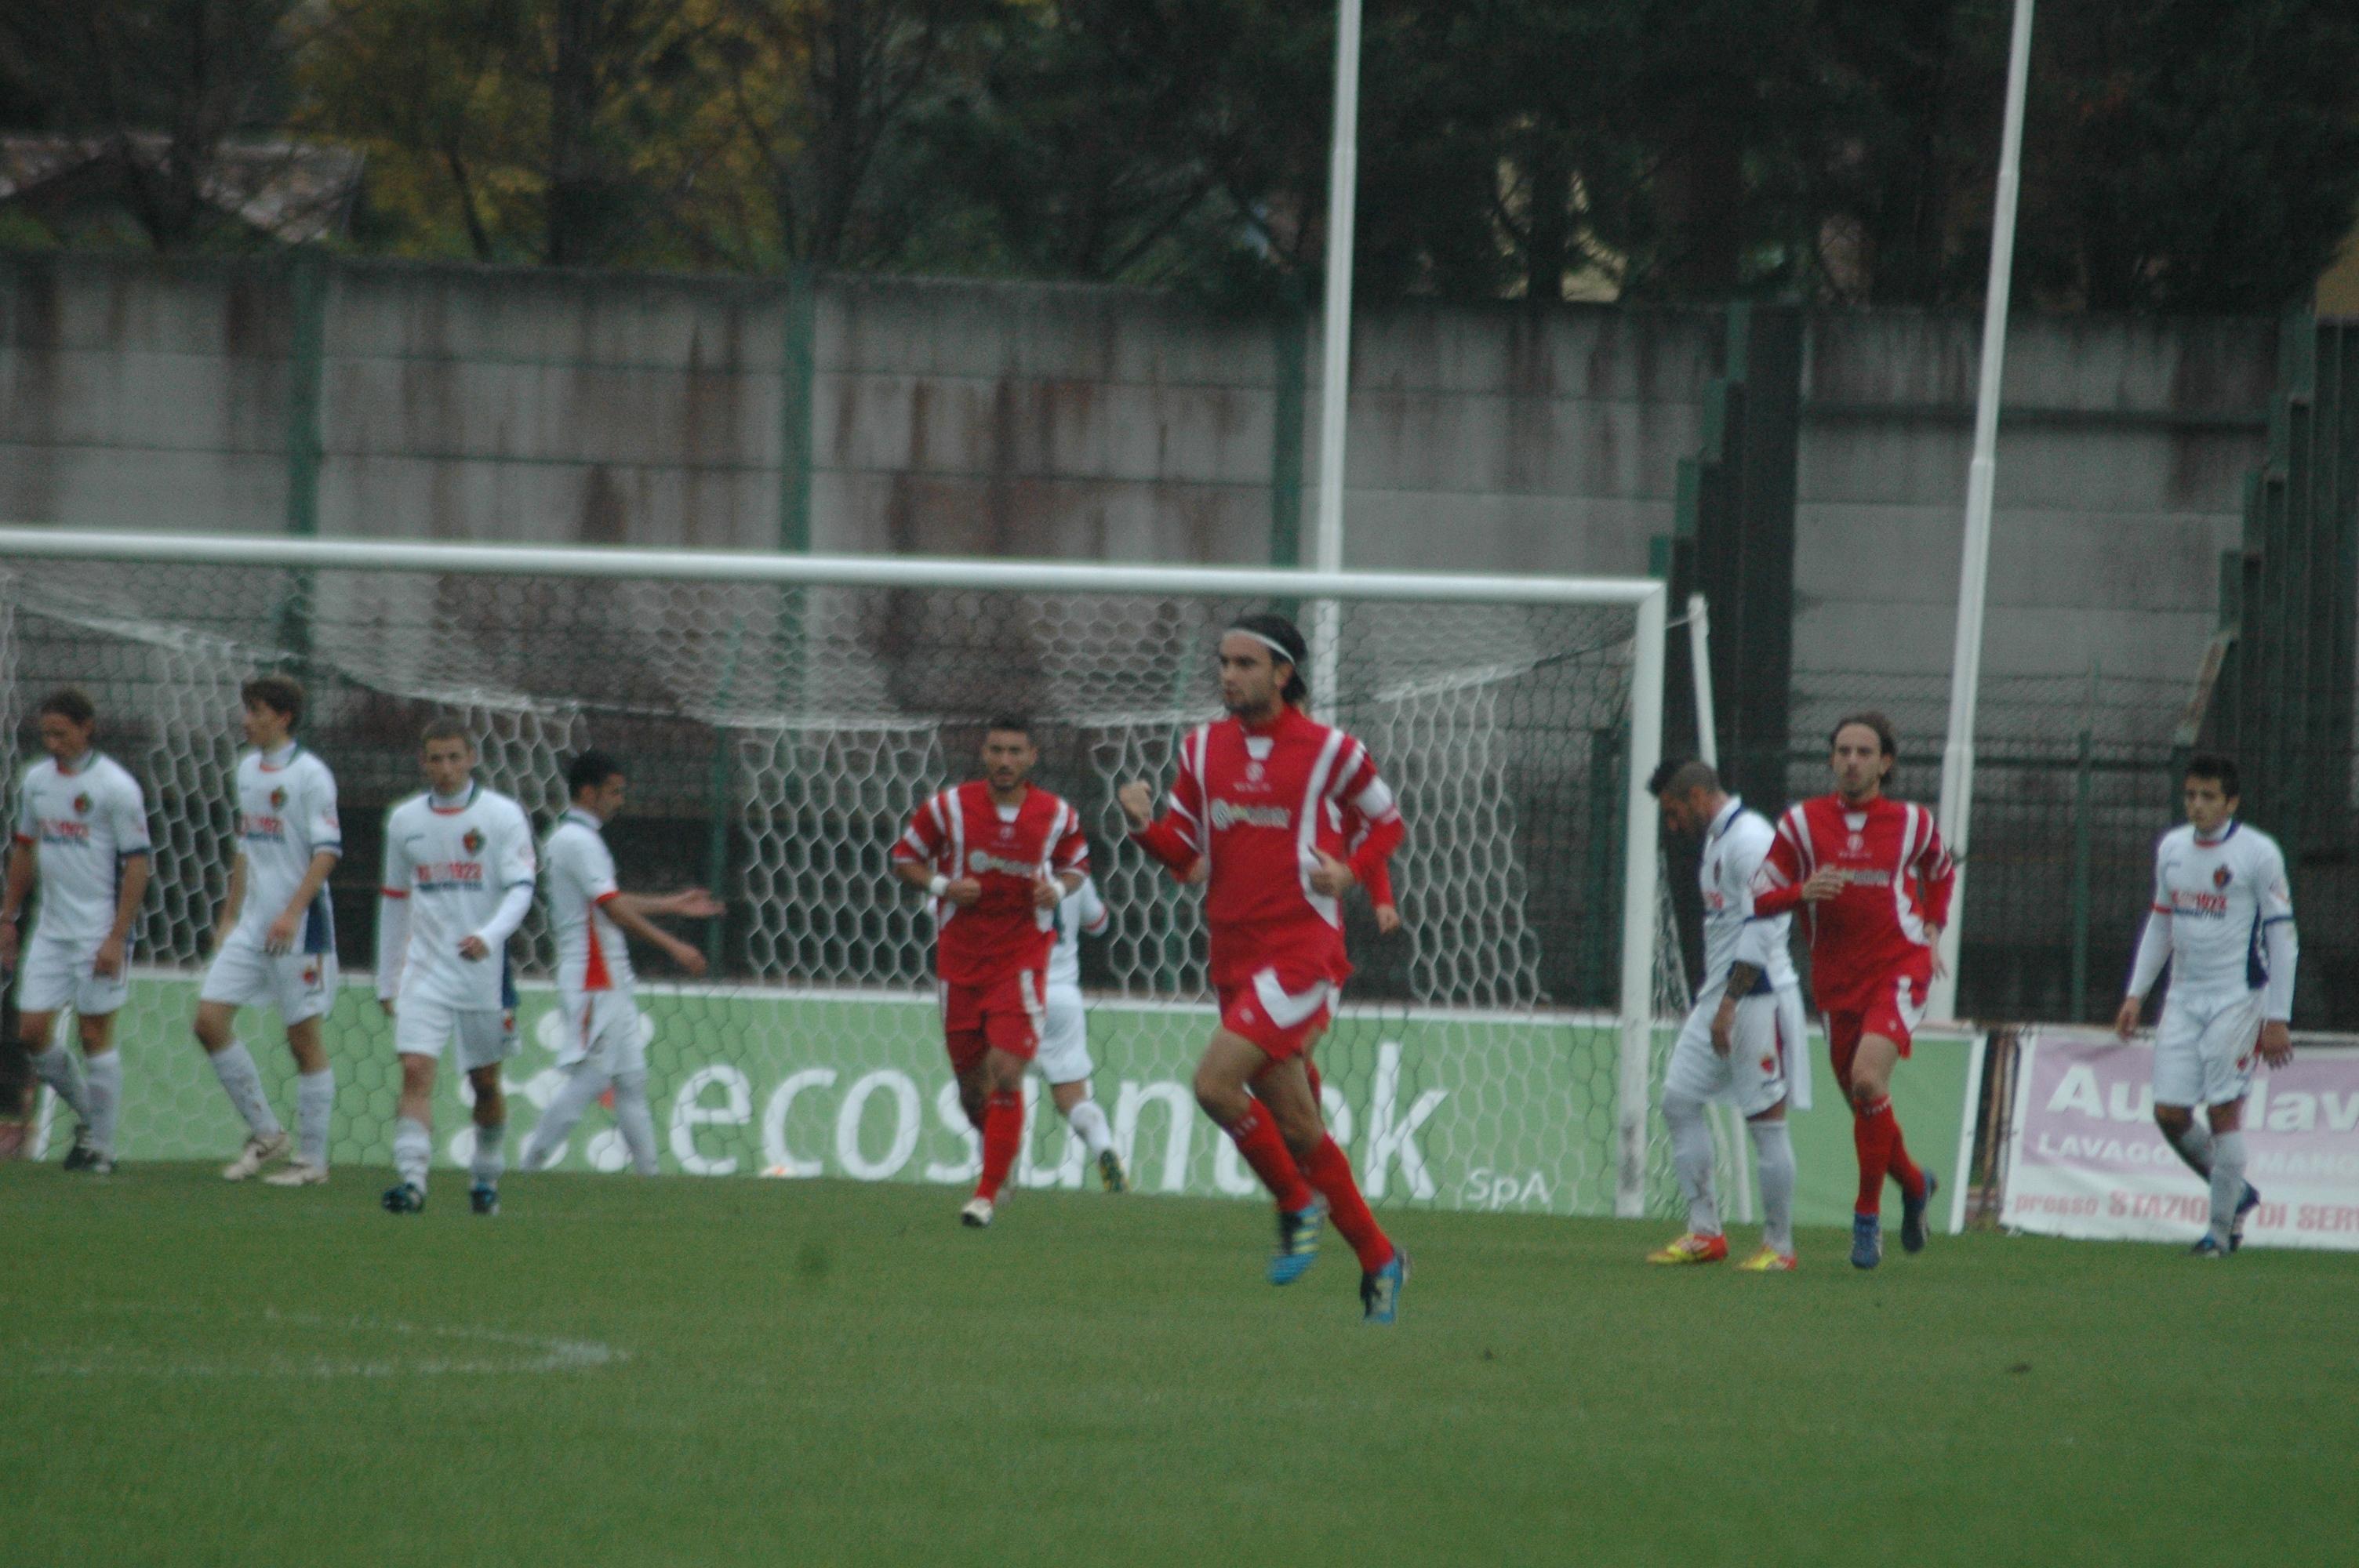 Samb-Ancona, Ruffini esulta dopo l'1-1 (GIAMMUSSO)